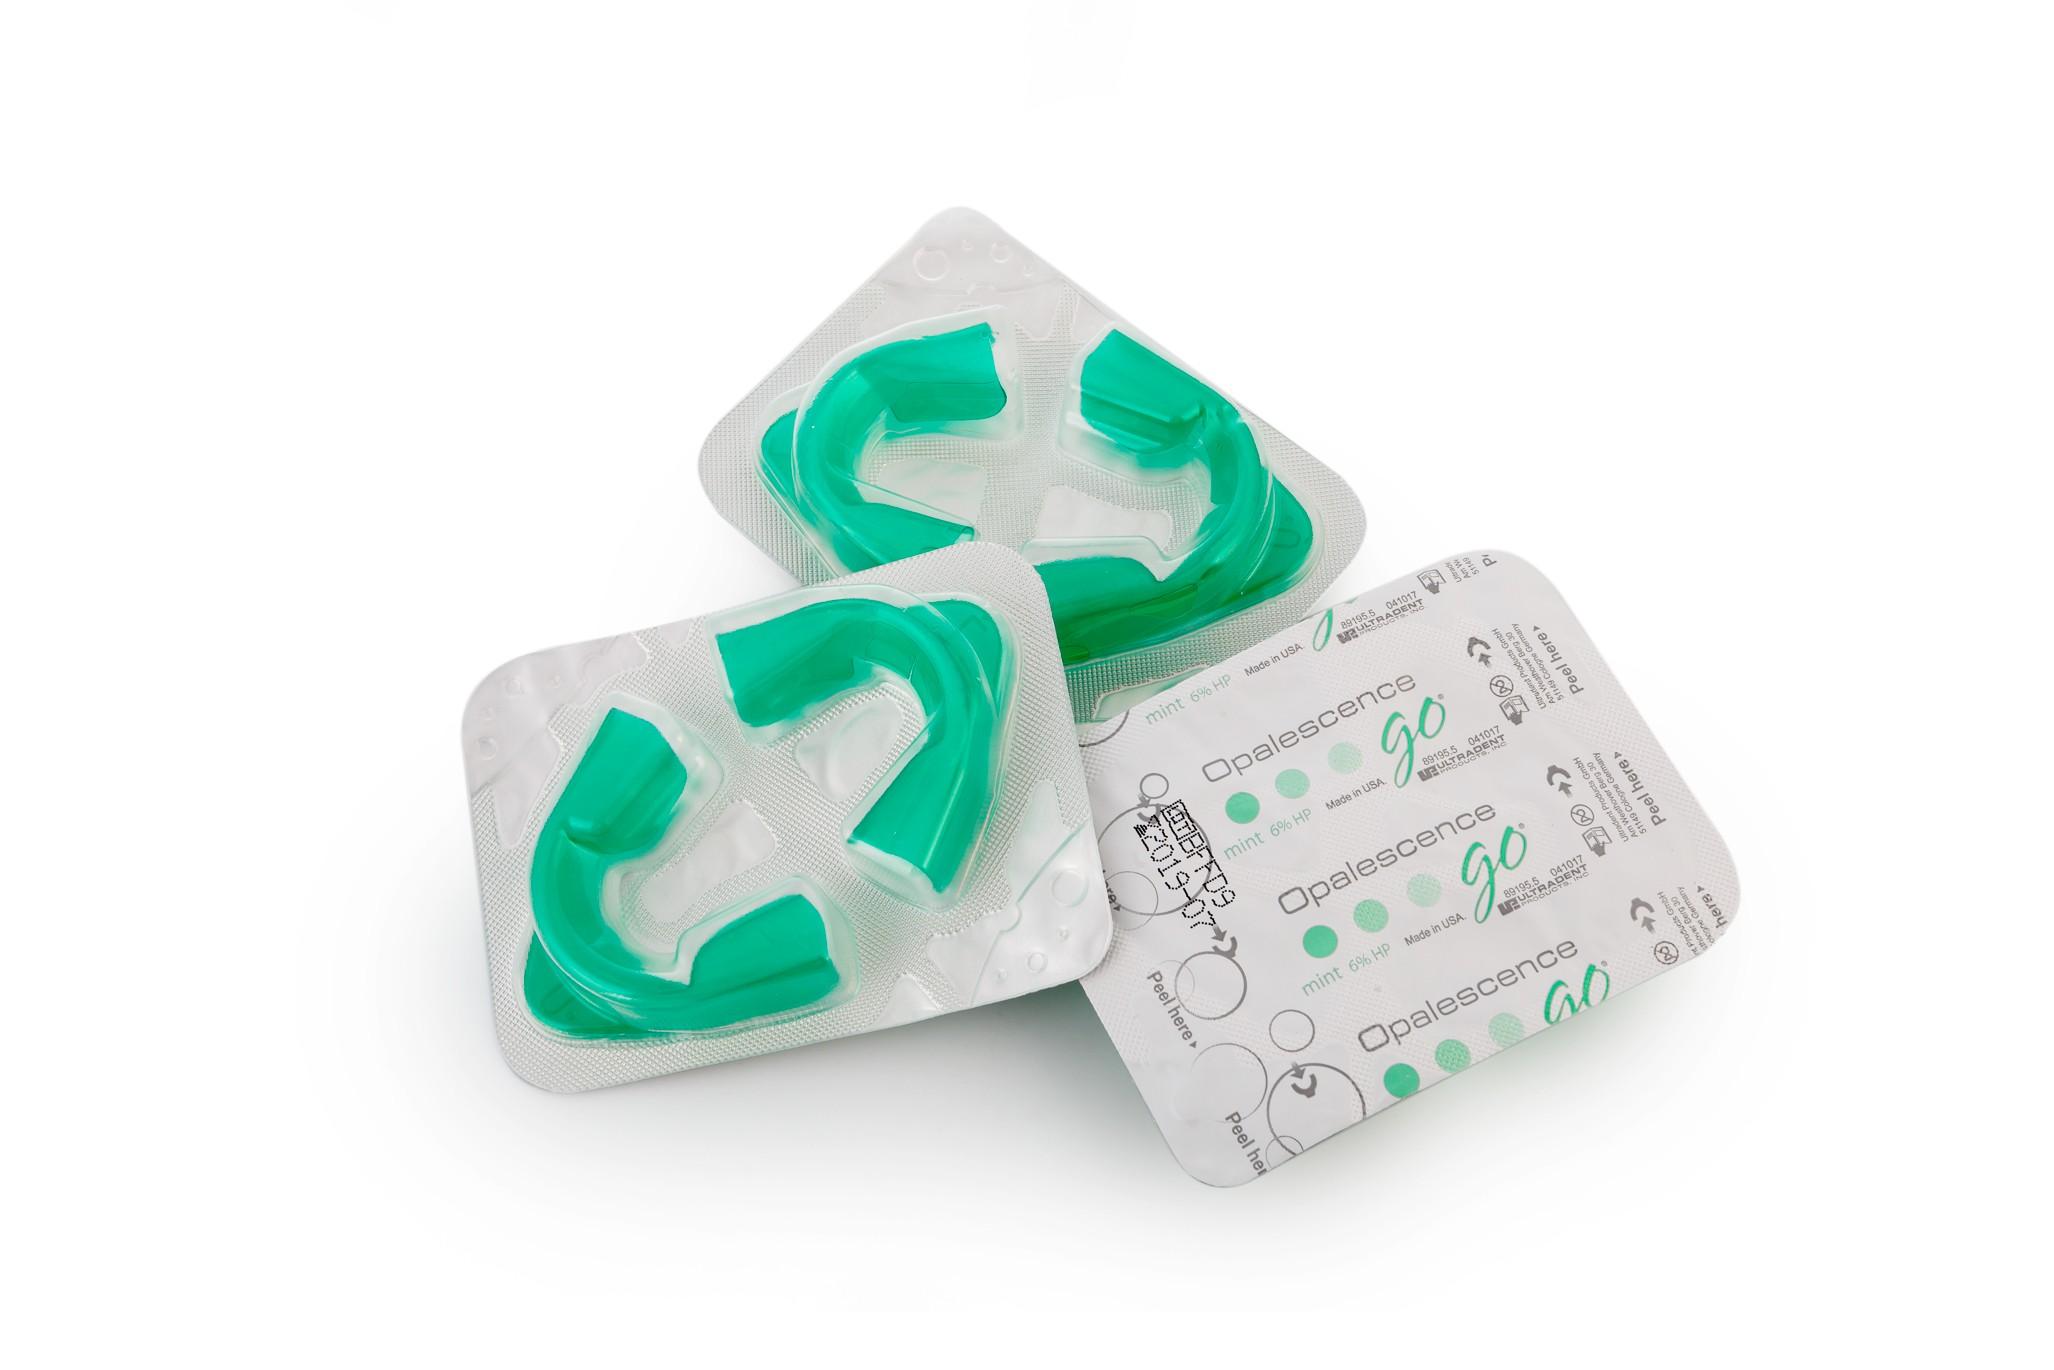 Отбеливающие капы OpalEcsence GO 6% 10 штук в упаковке, фото 2